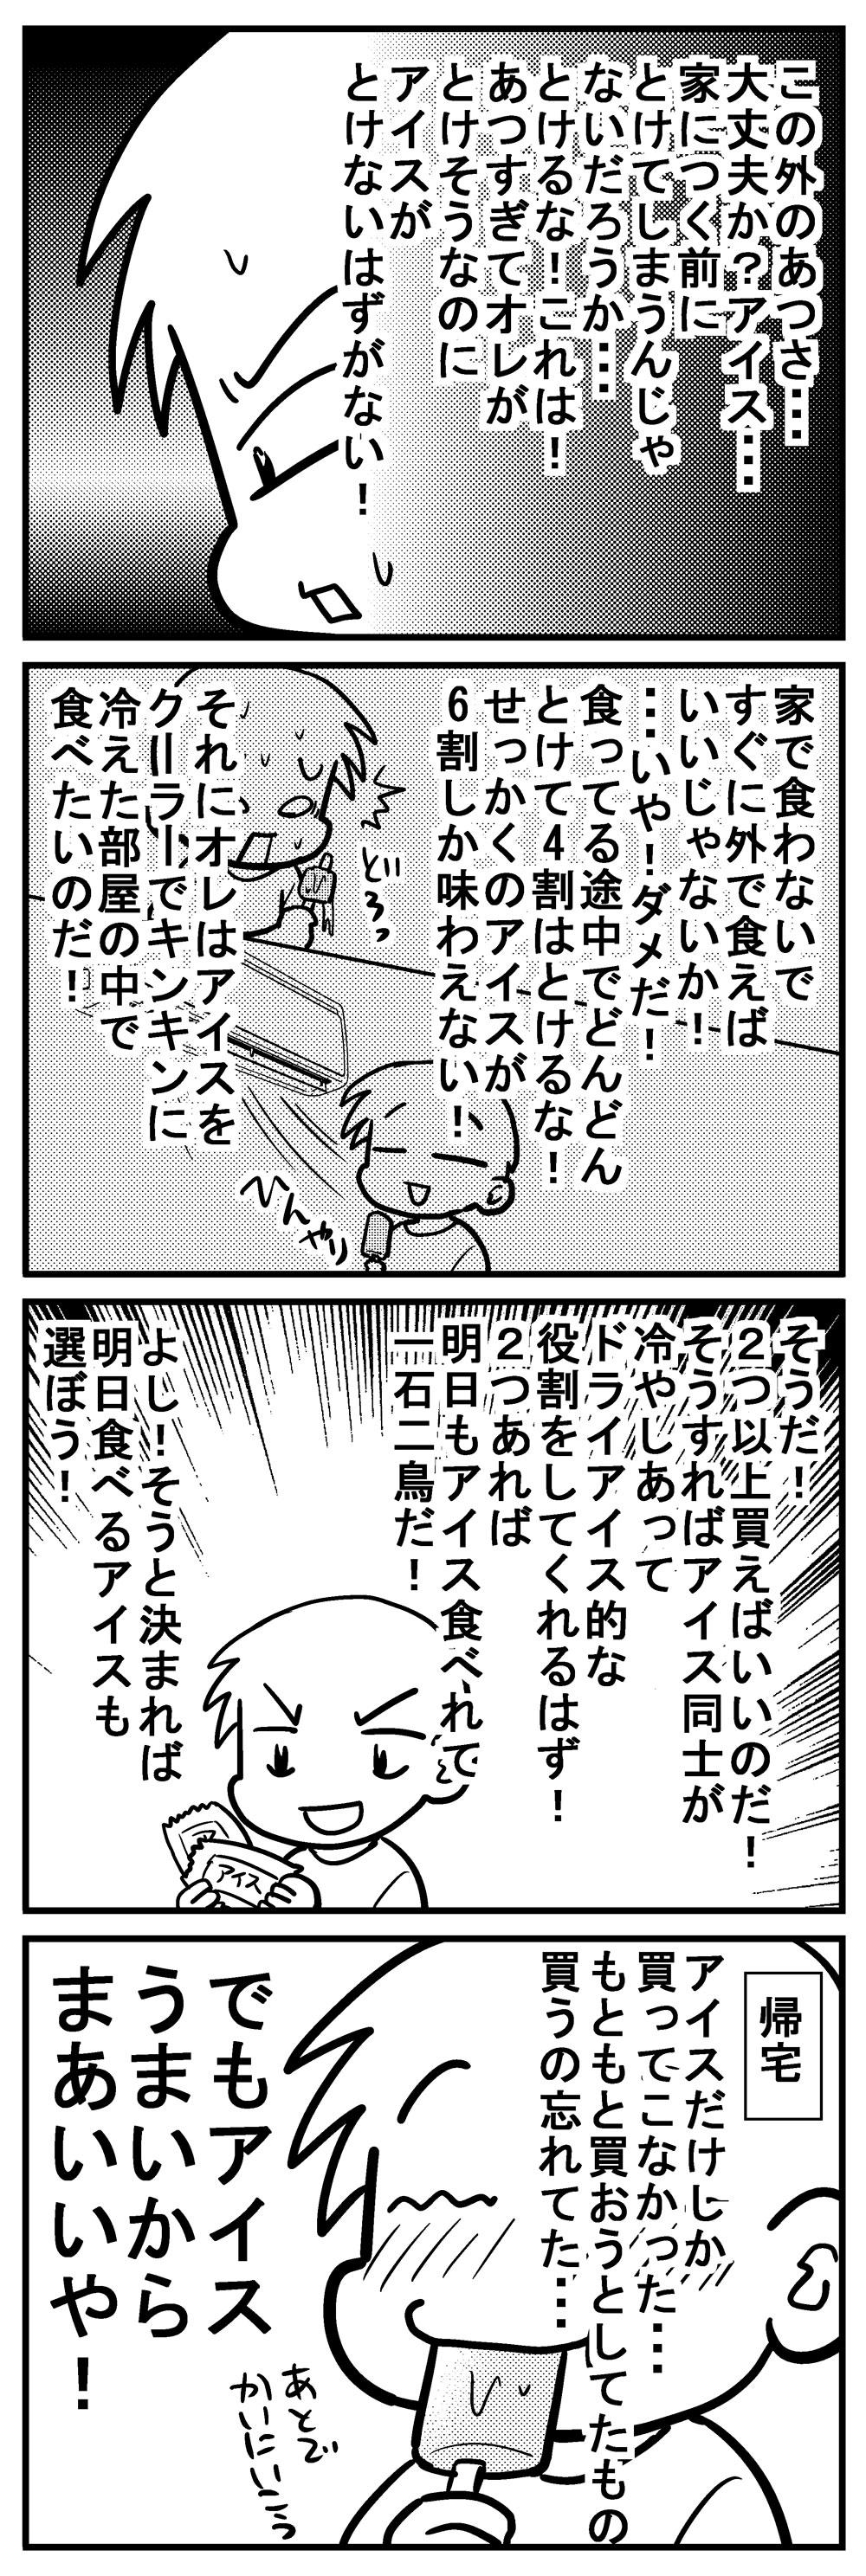 深読みくん152-2